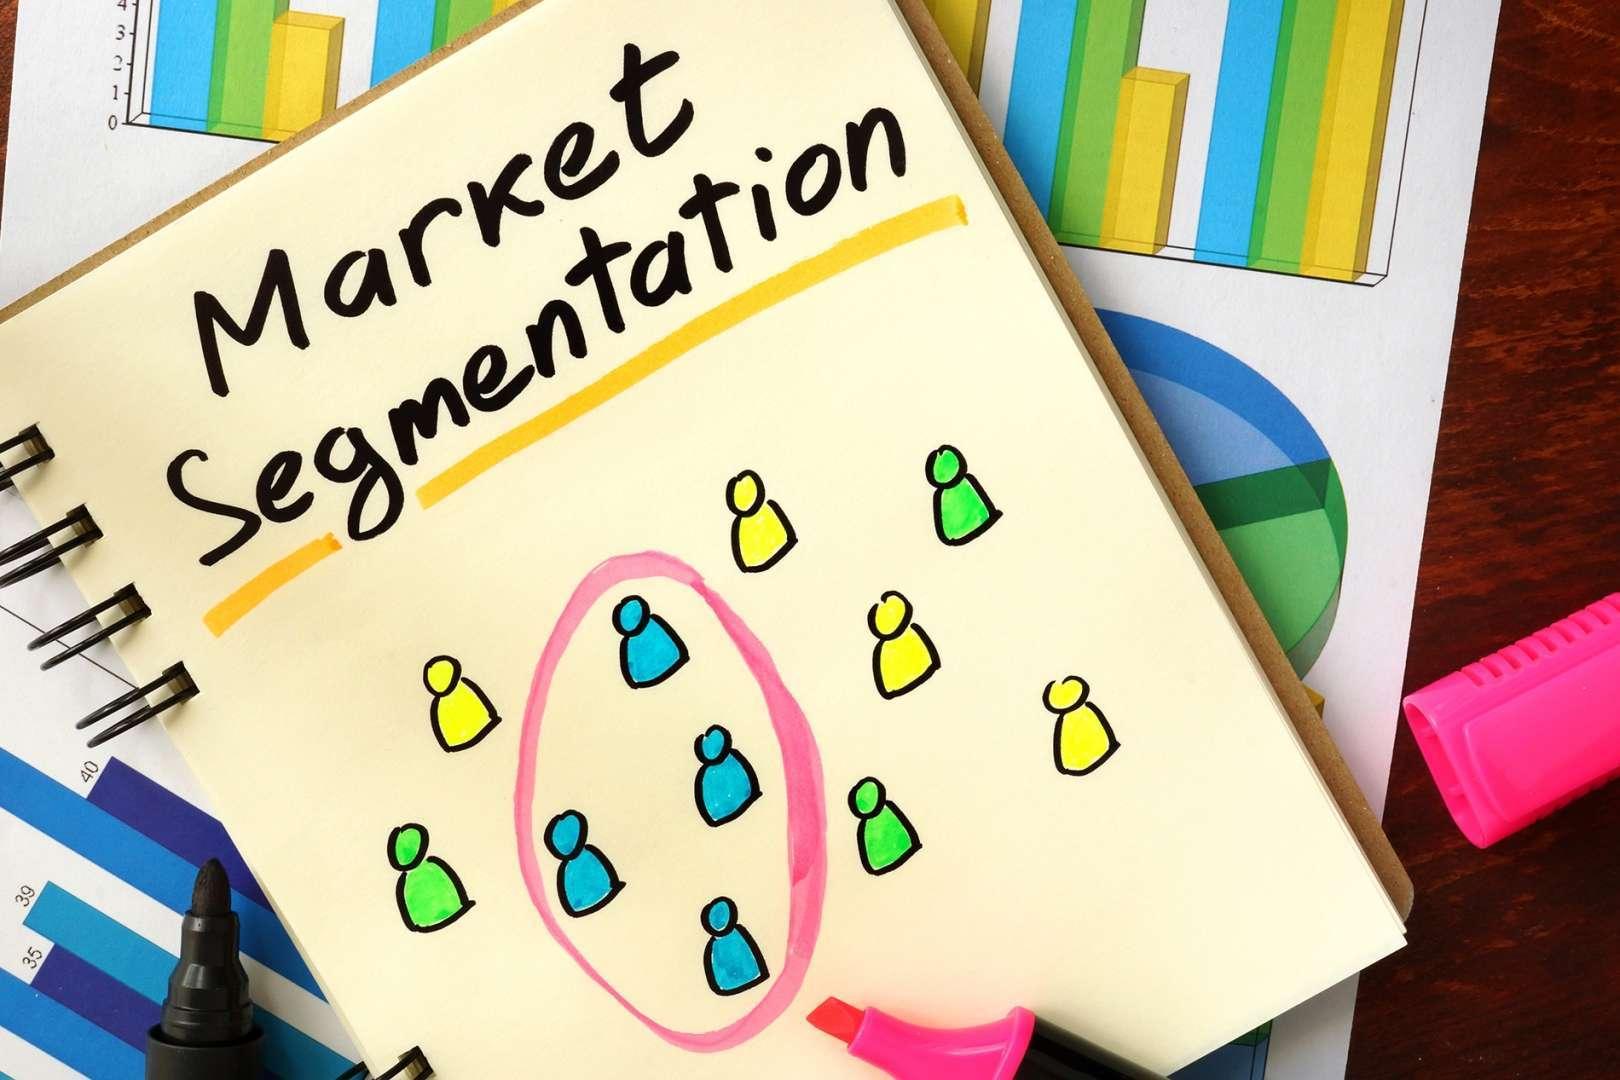 Bagaimana Market Segmentation Bisa Mempengaruhi Jalannya Bisnis?